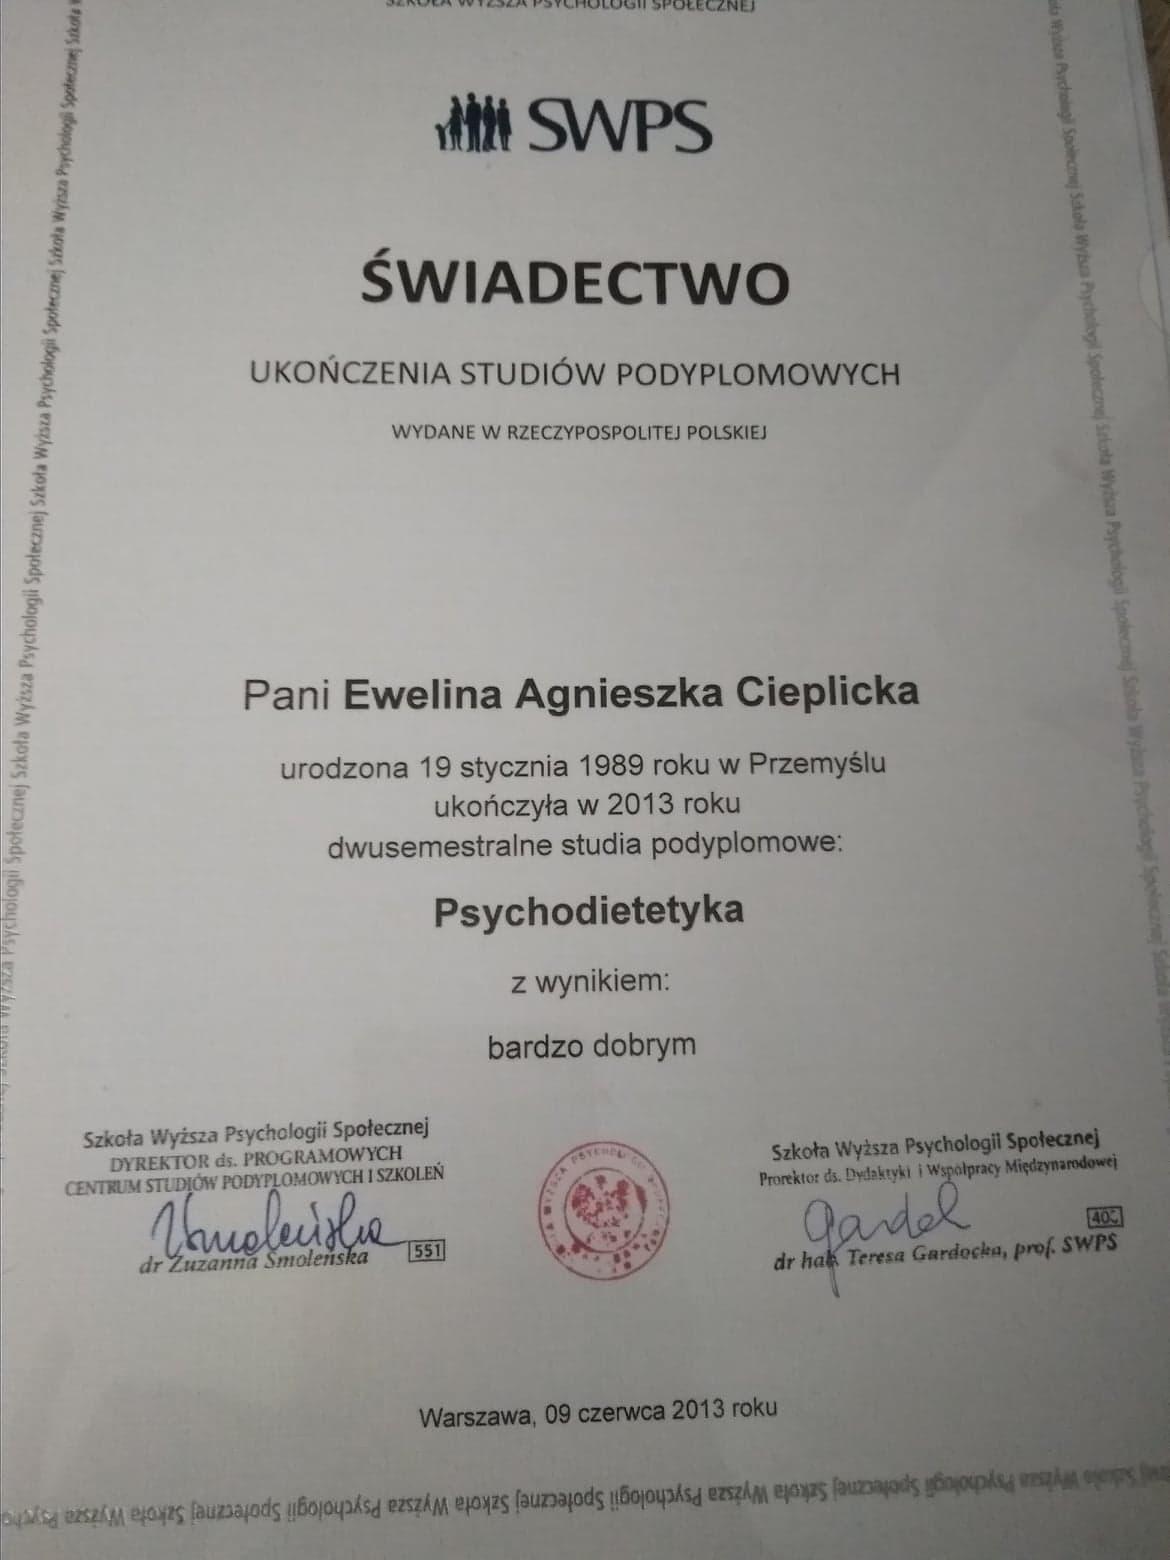 Certyfikat ukończenia stuidów na kierunku Psychodietetyka